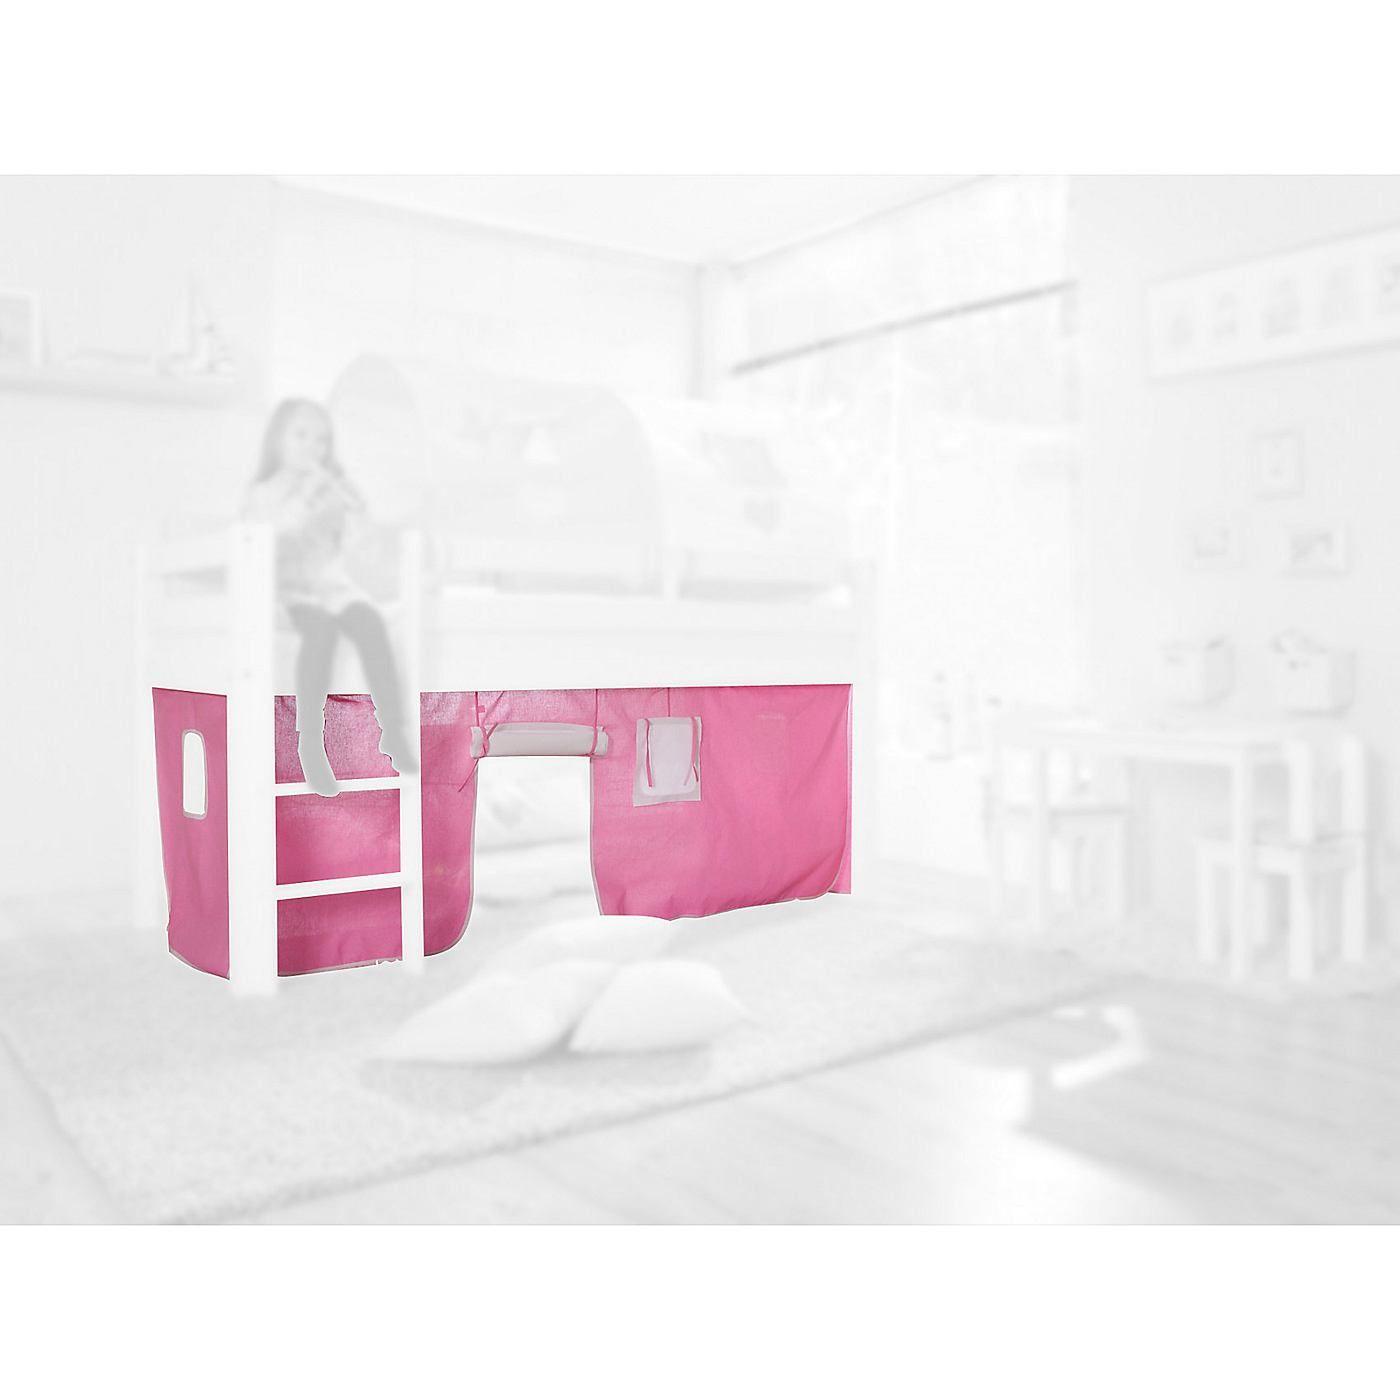 Das Vorhangset von Relita ist die perfekte Ergänzung für die entsprechenden Spieltbetten. Das Vorhangset umschließt den unteren Teil des Bettes von 3 Seiten. Durch die kleine Stofftür, welche aufgerollt und festgebunden werden kann, gelangt man in die neue Spielhöhle und die kleinen Fenster zu allen Seiten erhöhen den Spaßfaktor. Das Vorhangset wird mit einem Klettband an den Pfosten des Bettes...